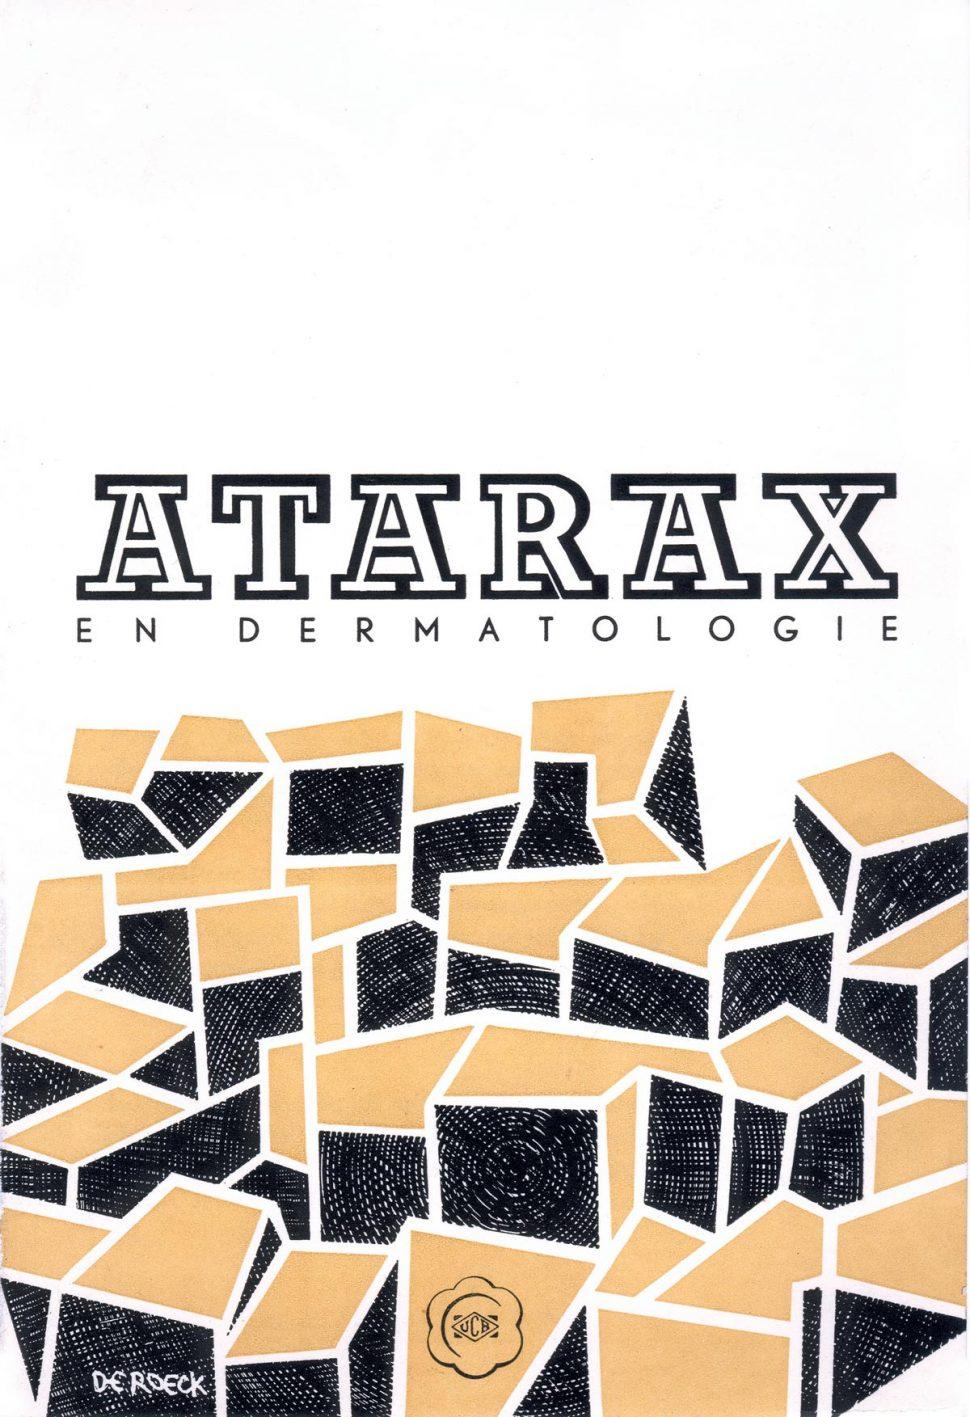 Publiciteit Atarax